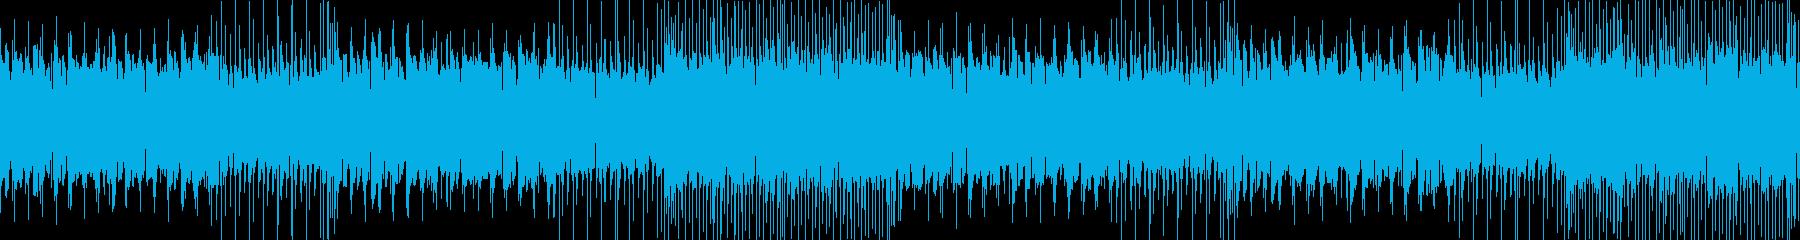 ケルト調の通常戦闘曲の再生済みの波形